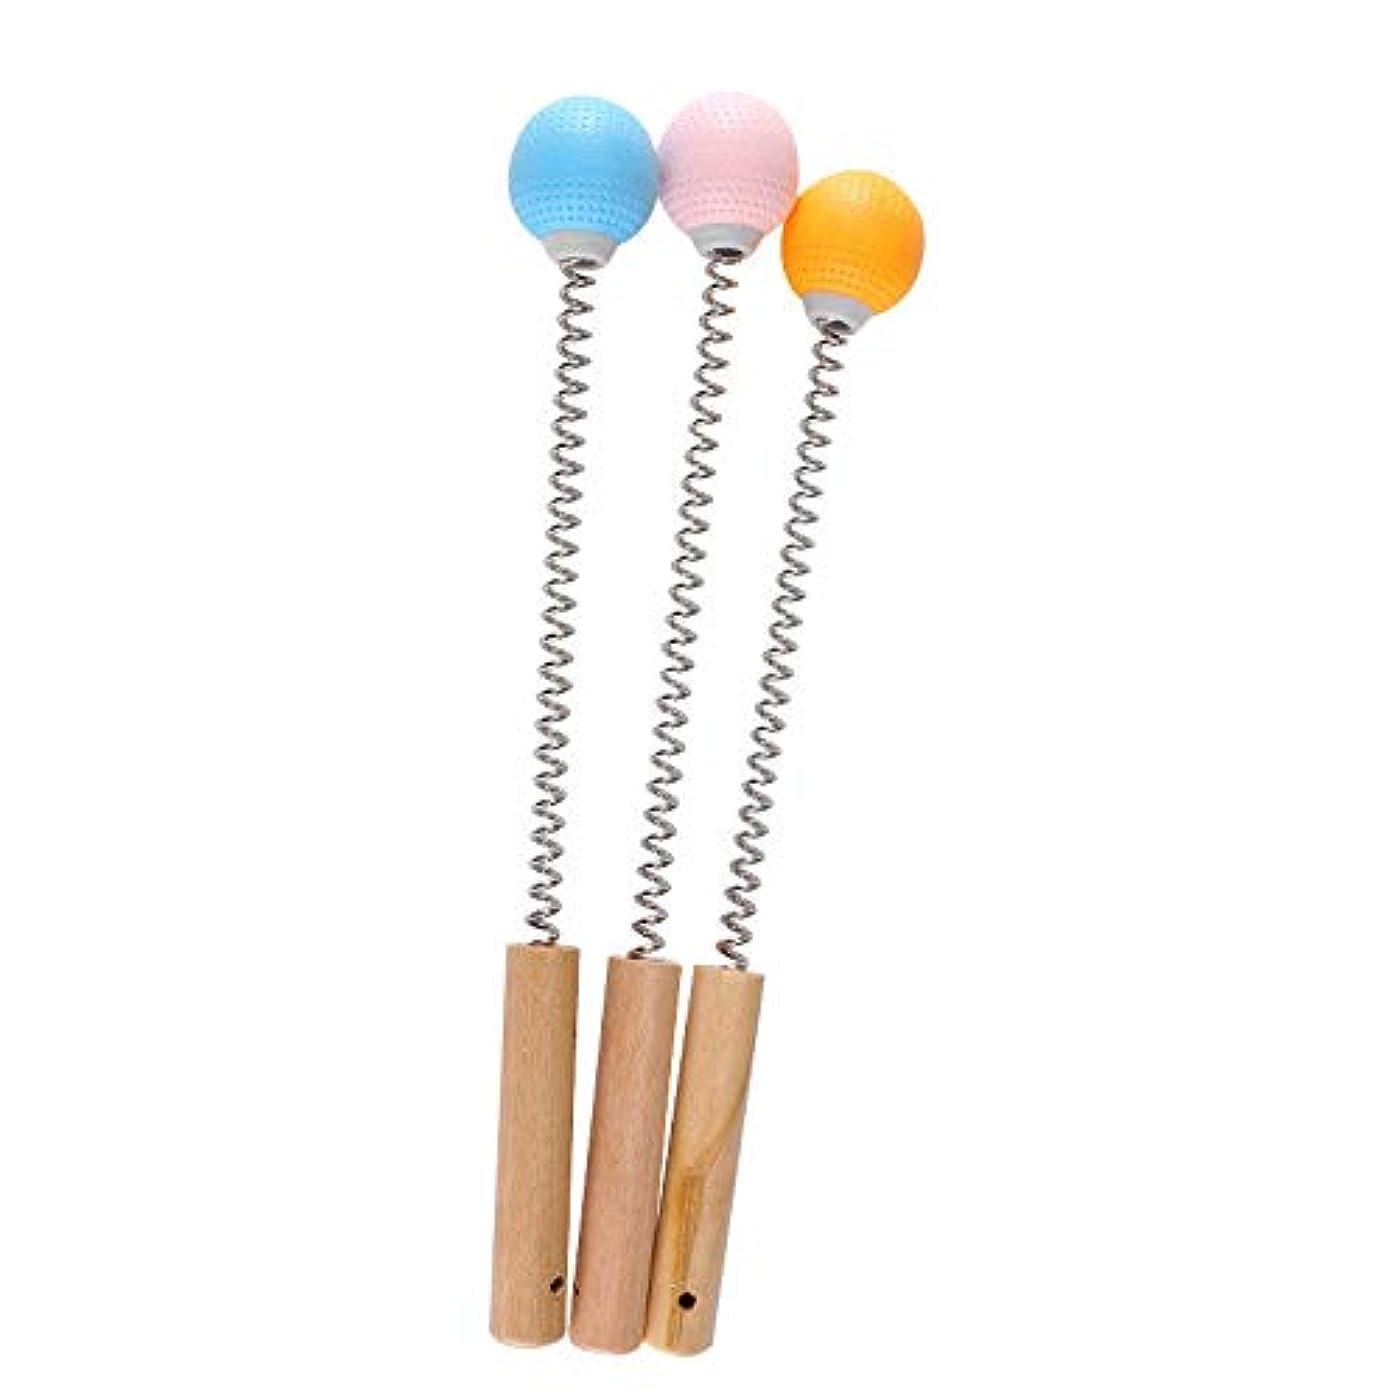 含める受け入れた単語Oral Dentistry マッサージハンマー 肩たたき棒 木材柄 プラスチック製 ハンドル ばね付き ボディー ストレス 肩こり解消 手持ち ゴルフ型 (ブルー)